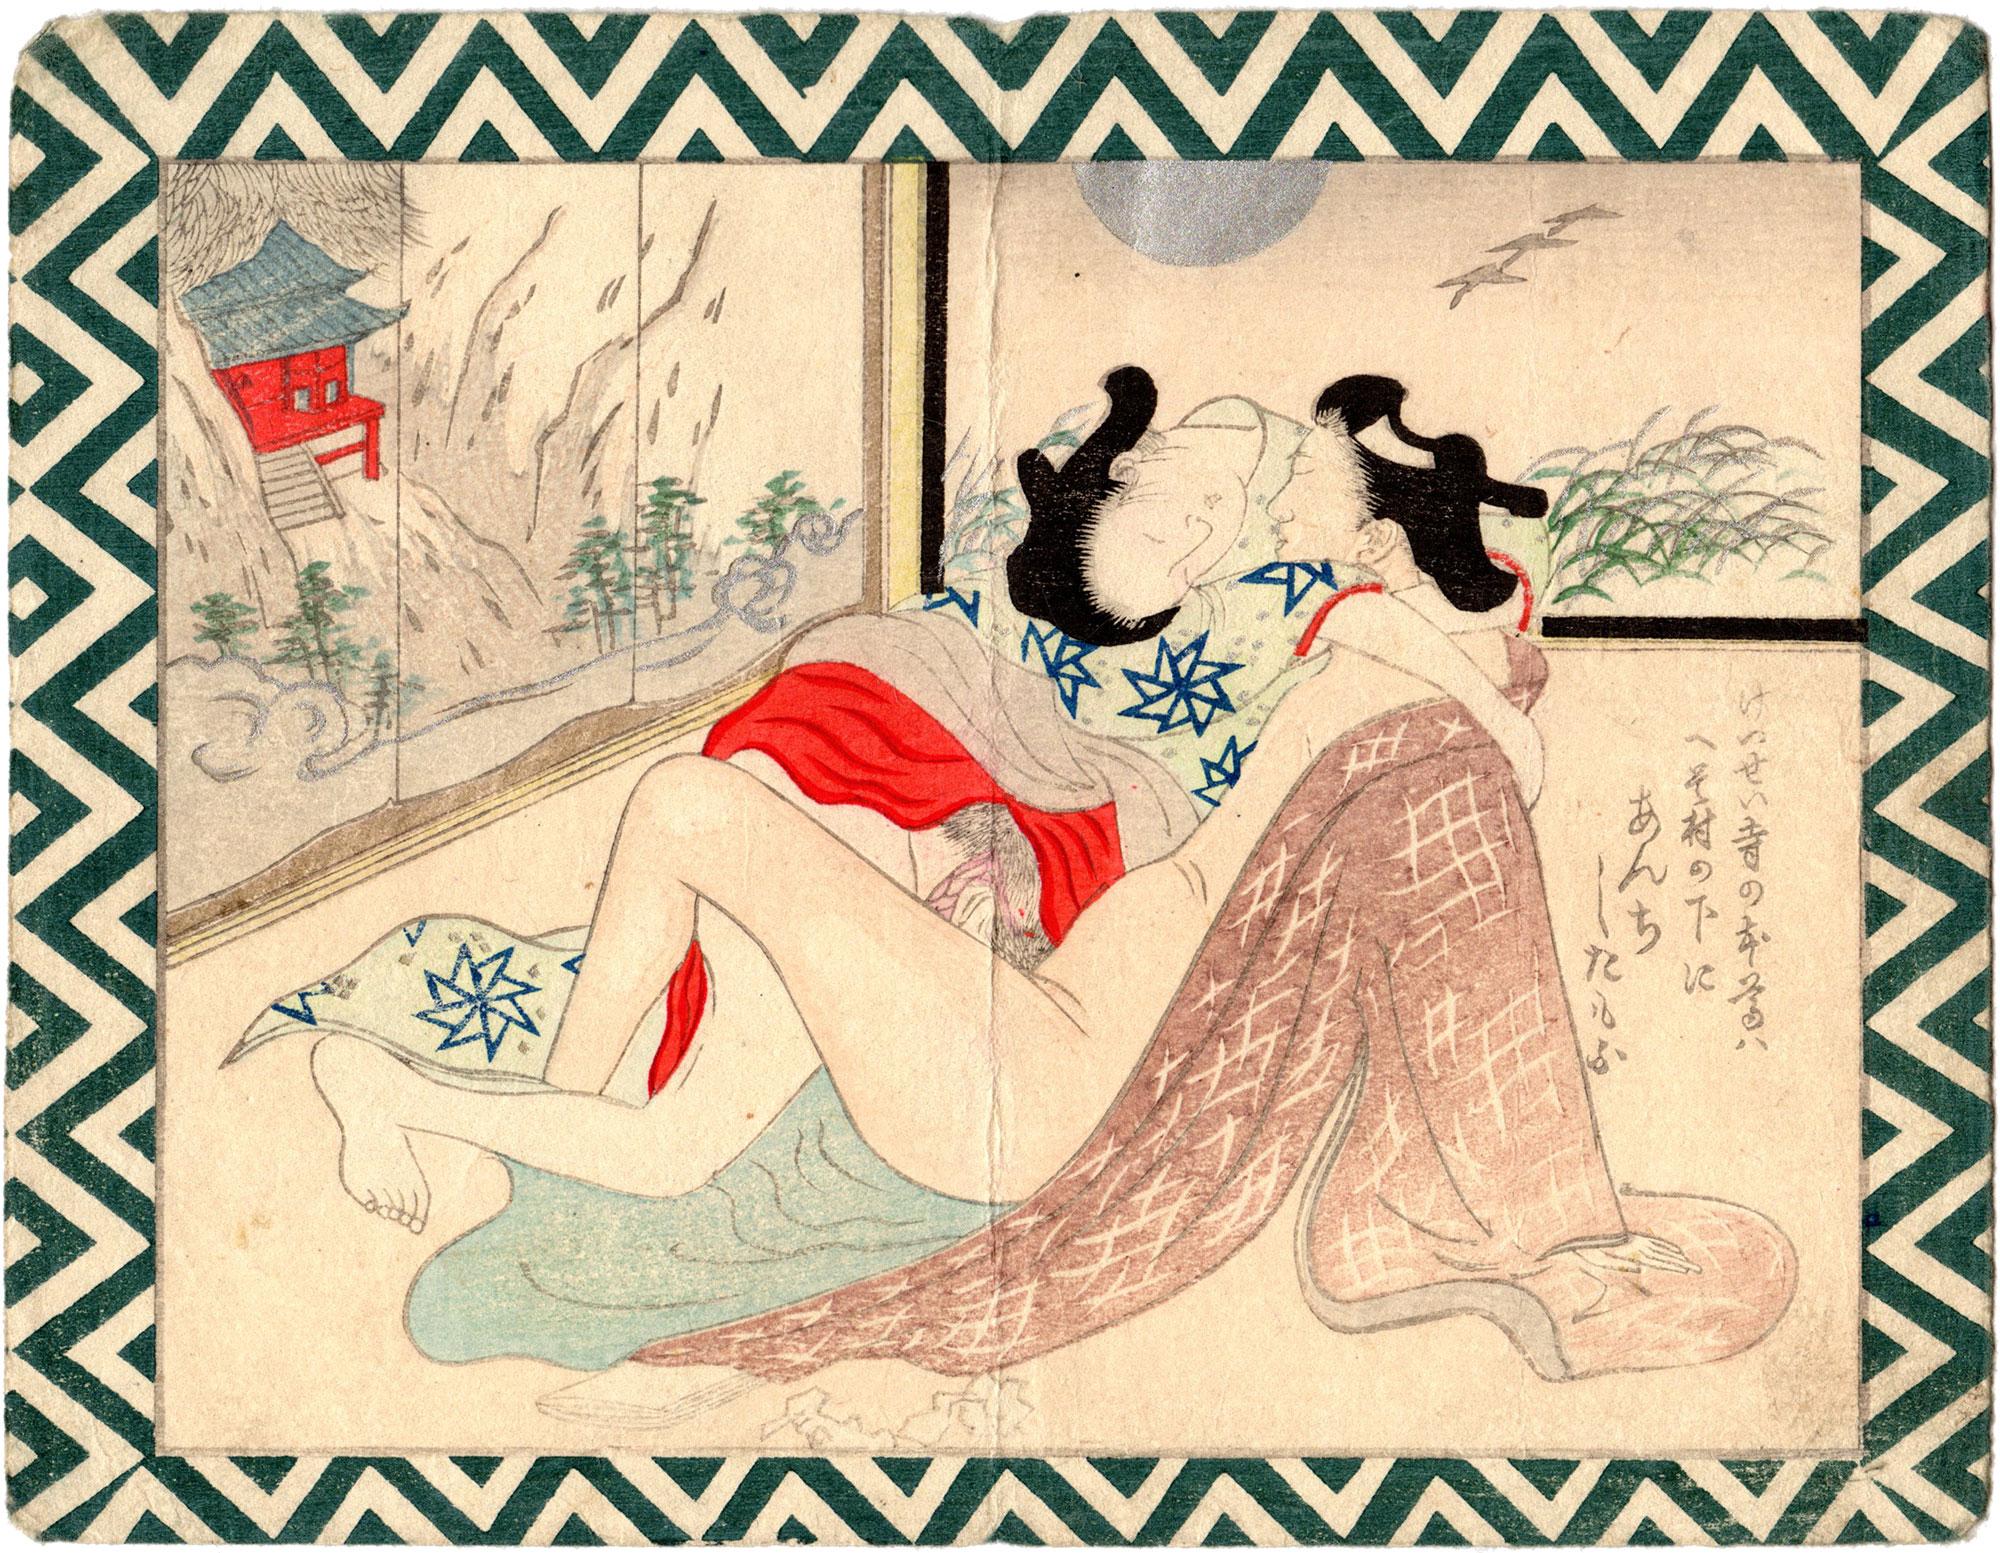 KEISEI TEMPLE (Modern Period)